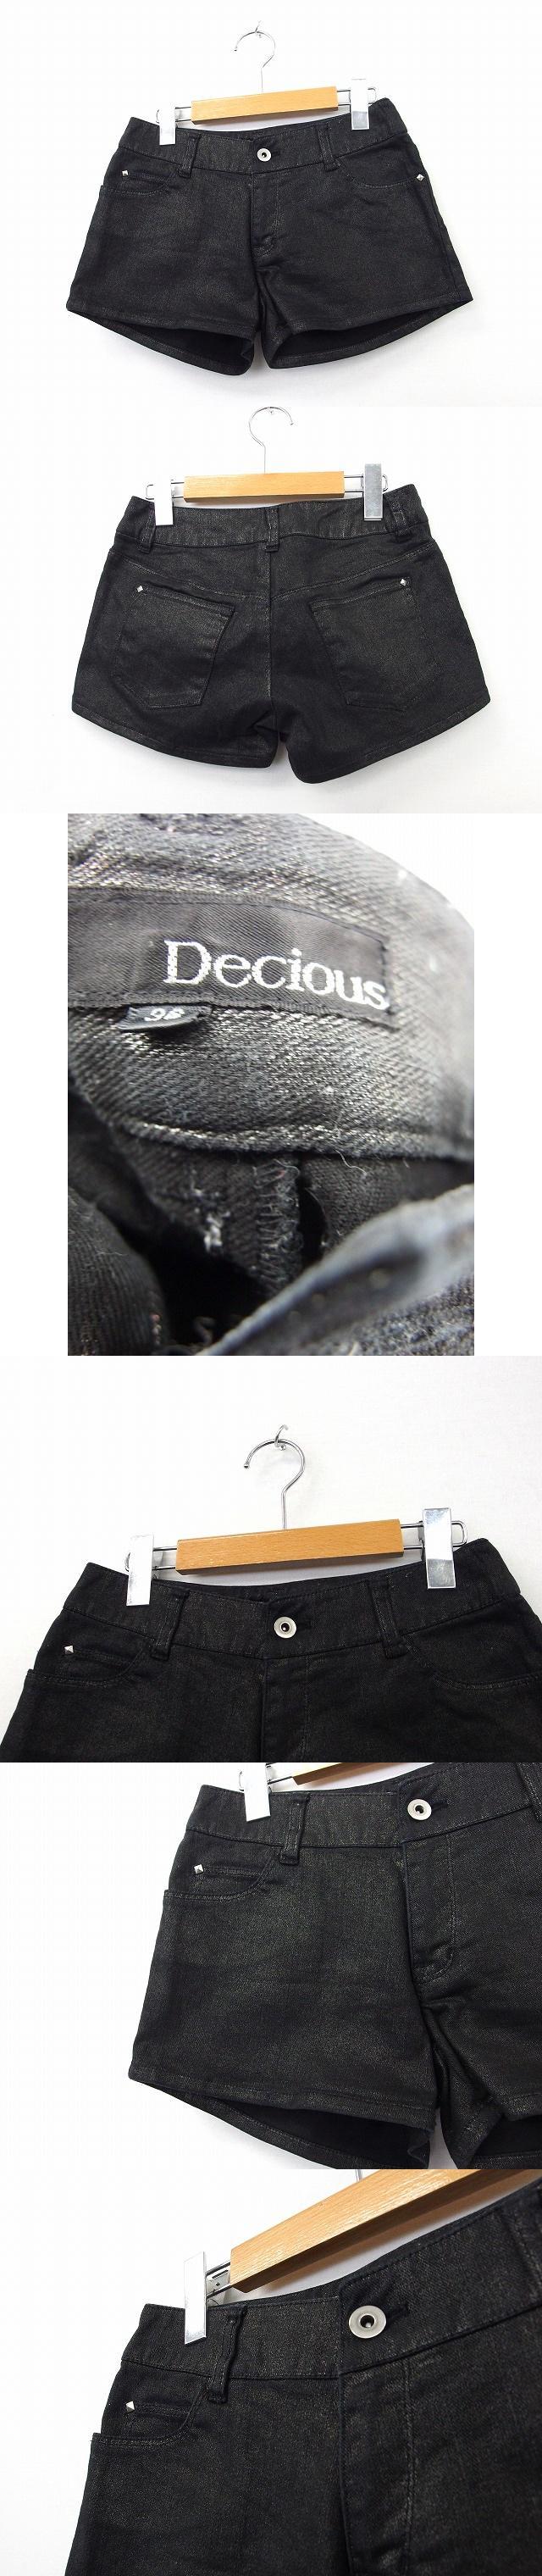 Decious パンツ ボトムス ショート 綿 コットン ラメ 36 ブラック 黒 /KT10